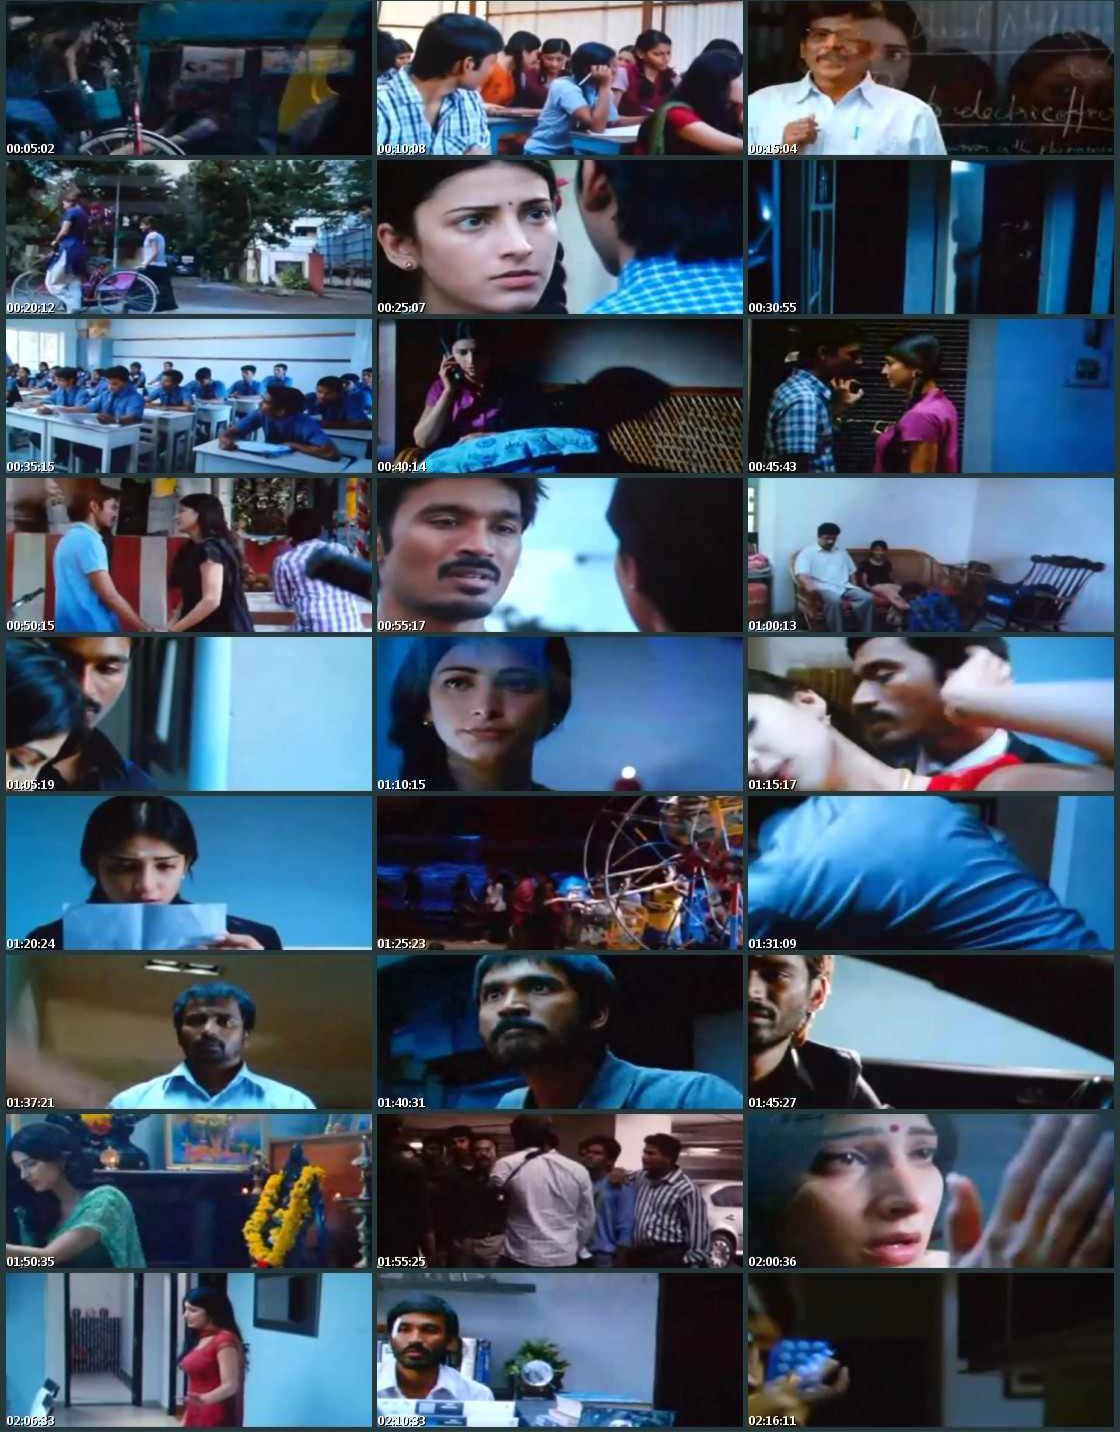 চরম এক তামিল মুভি – 3 (থ্রি) !!! ডাউনলোড দেন জলদি !!!!!